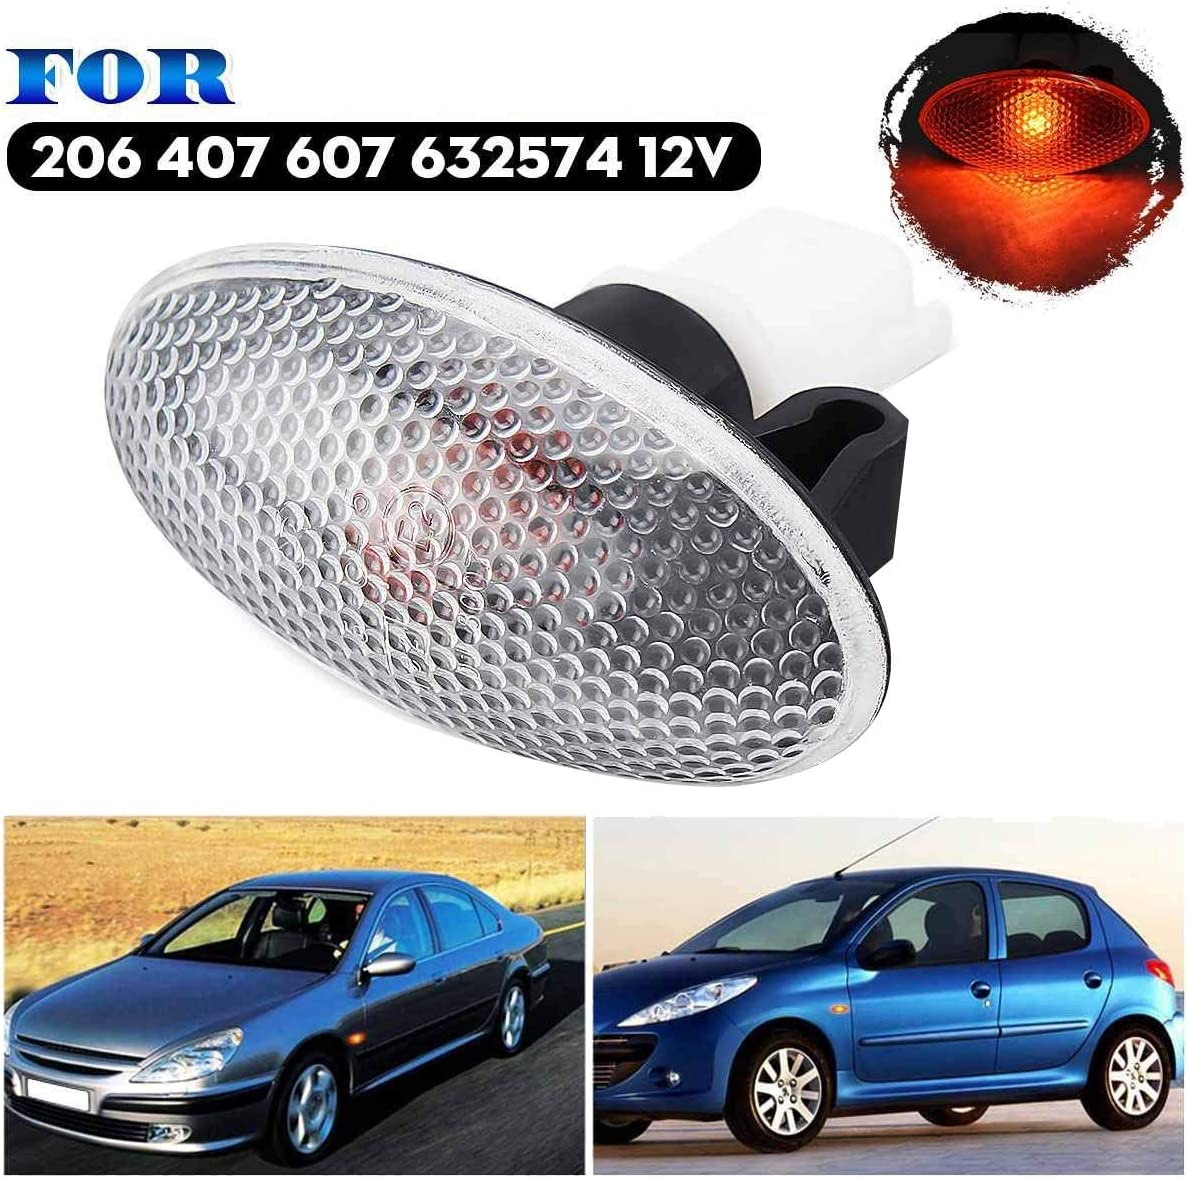 PQZATX 632574 Clignotant C?T/é Feu de Rep/èRe Feu R/éP/éTeur Indicateur de Lampe pour 206407607